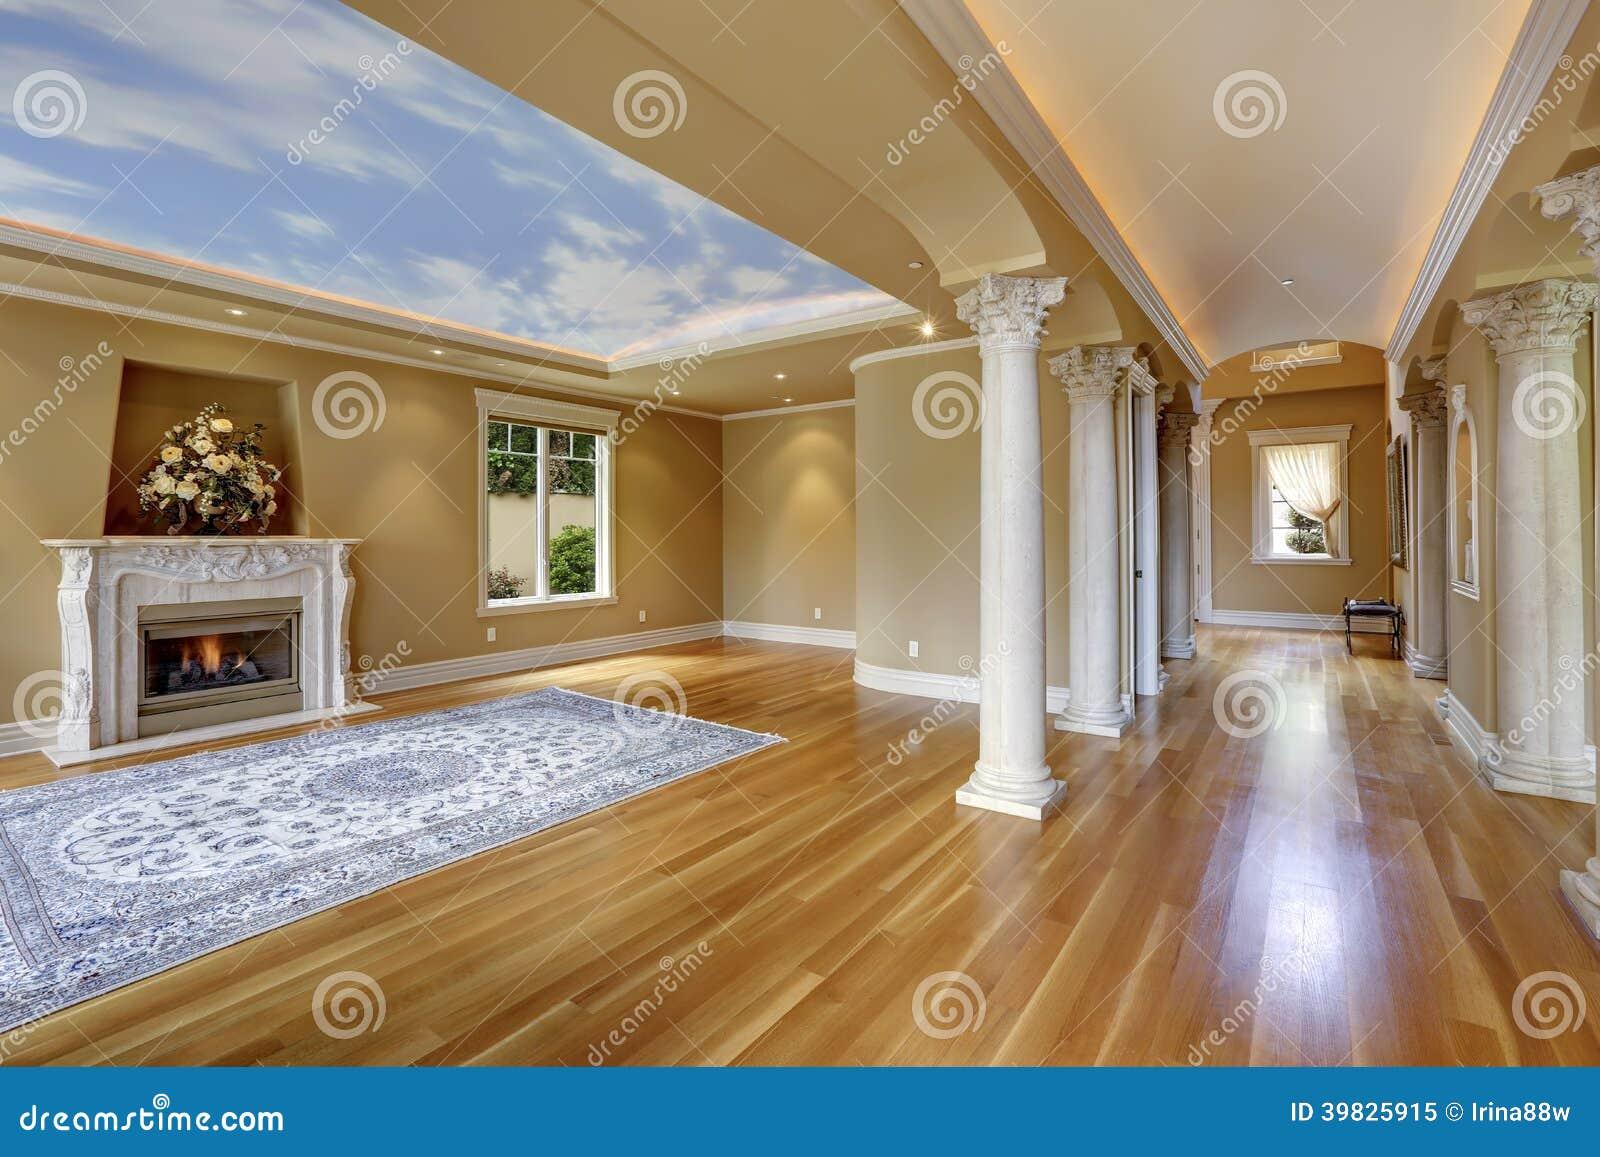 int rieur de luxe de maison salon avec la colonne photo stock image 39825915. Black Bedroom Furniture Sets. Home Design Ideas